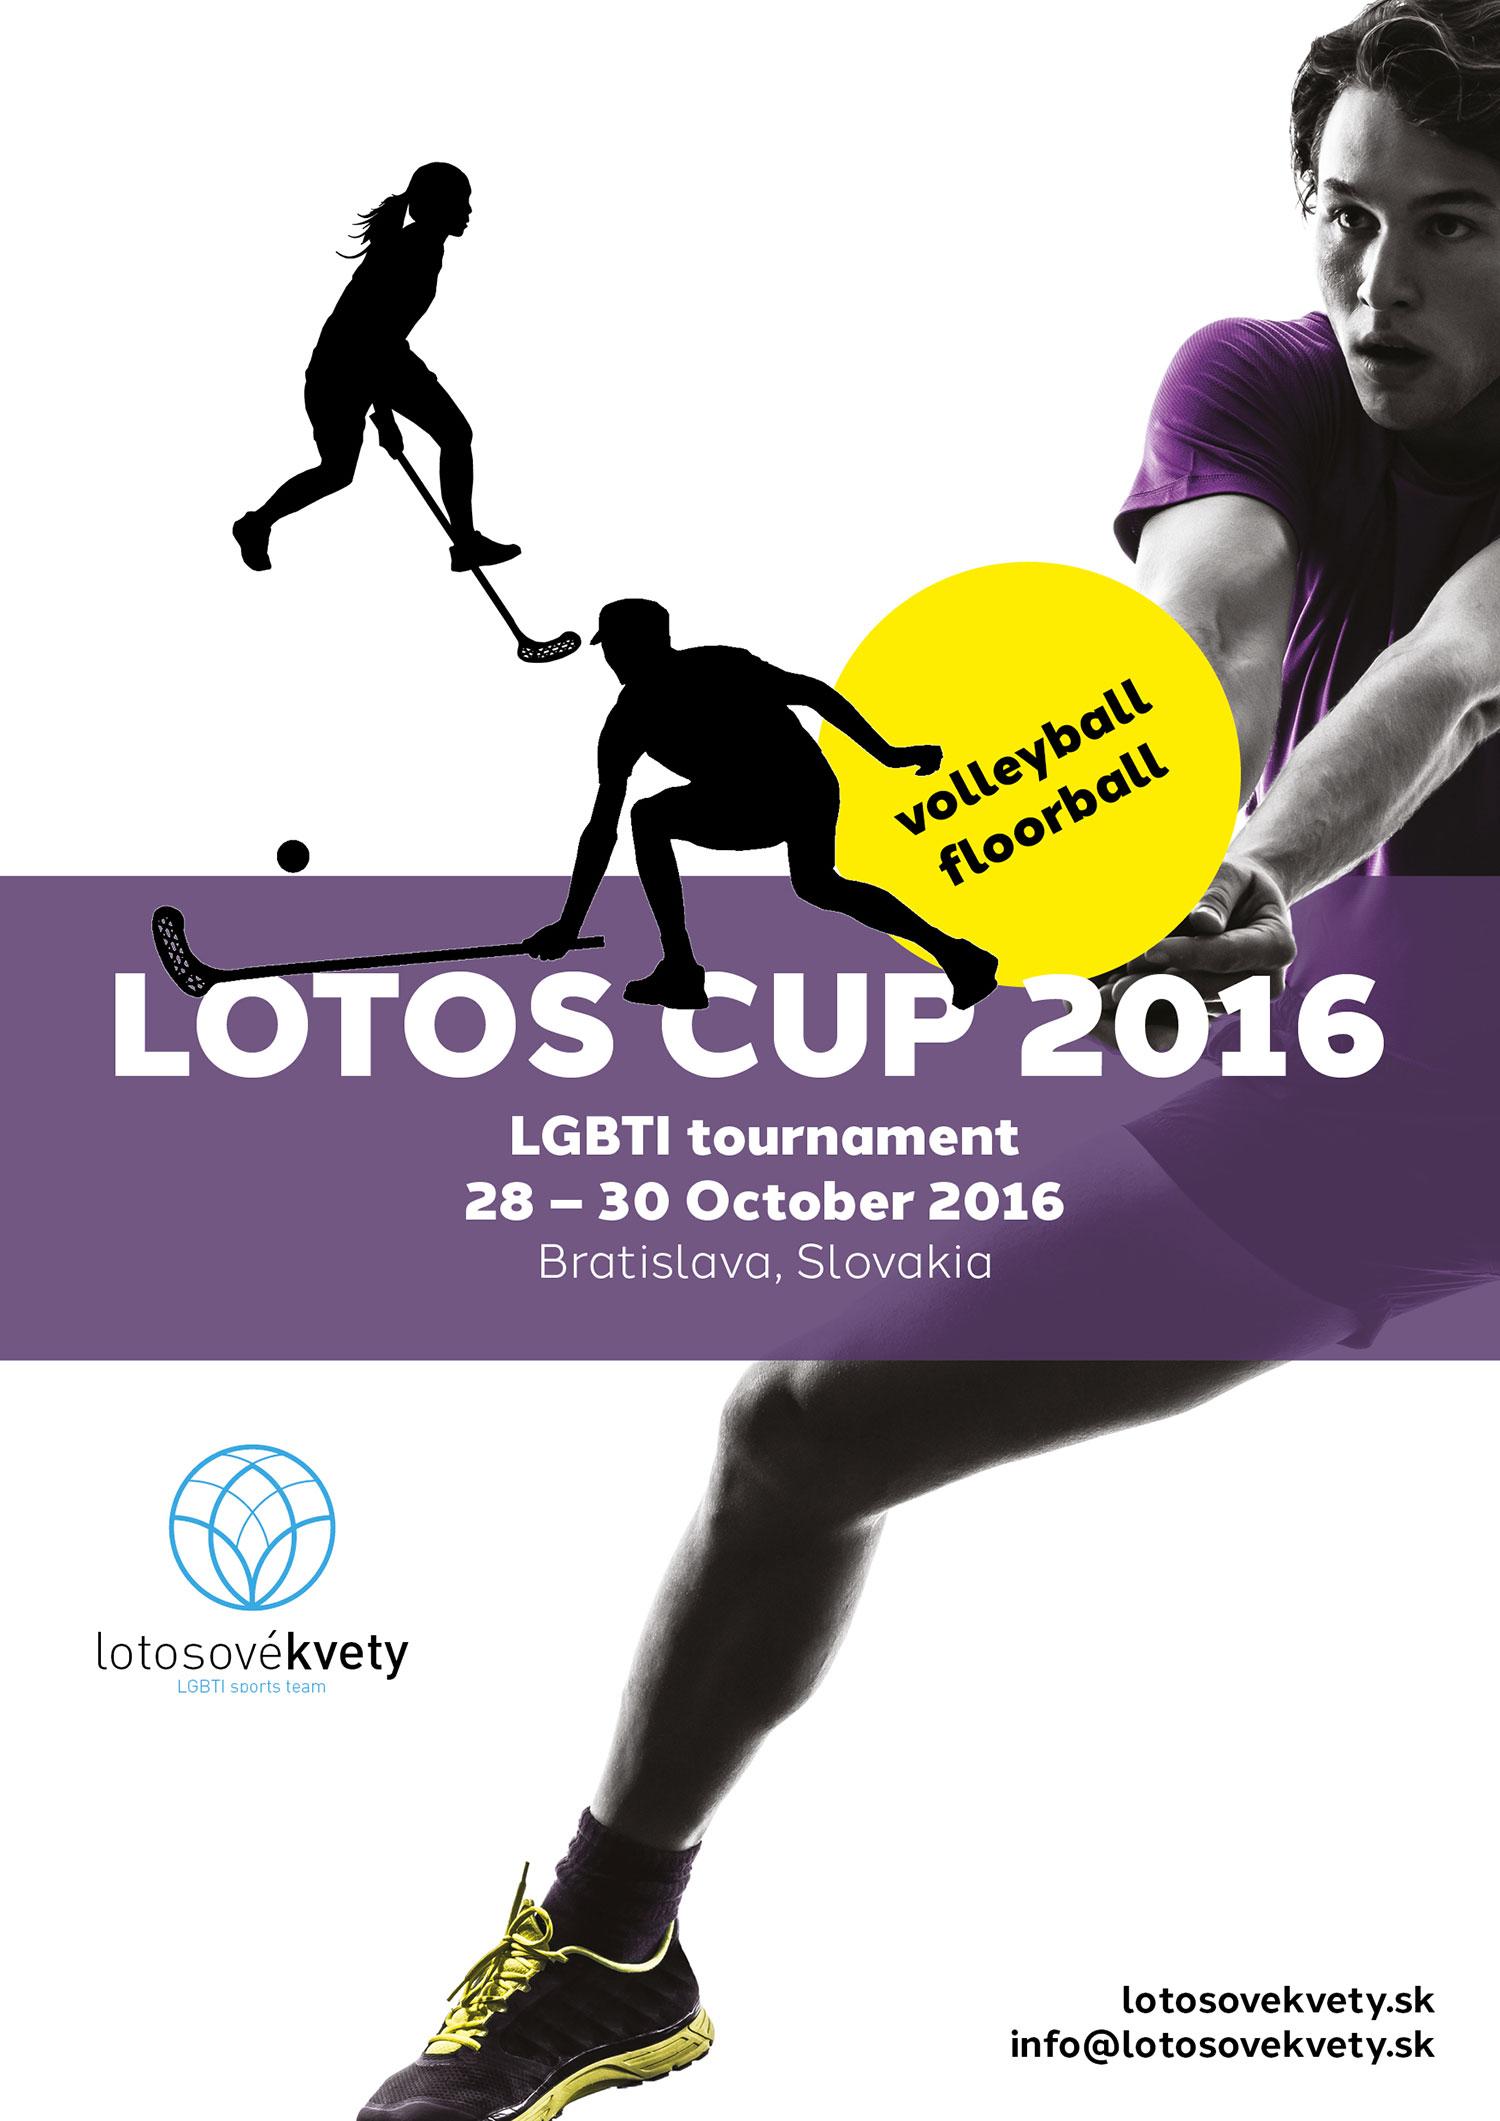 Lotos Cup 2016, visual